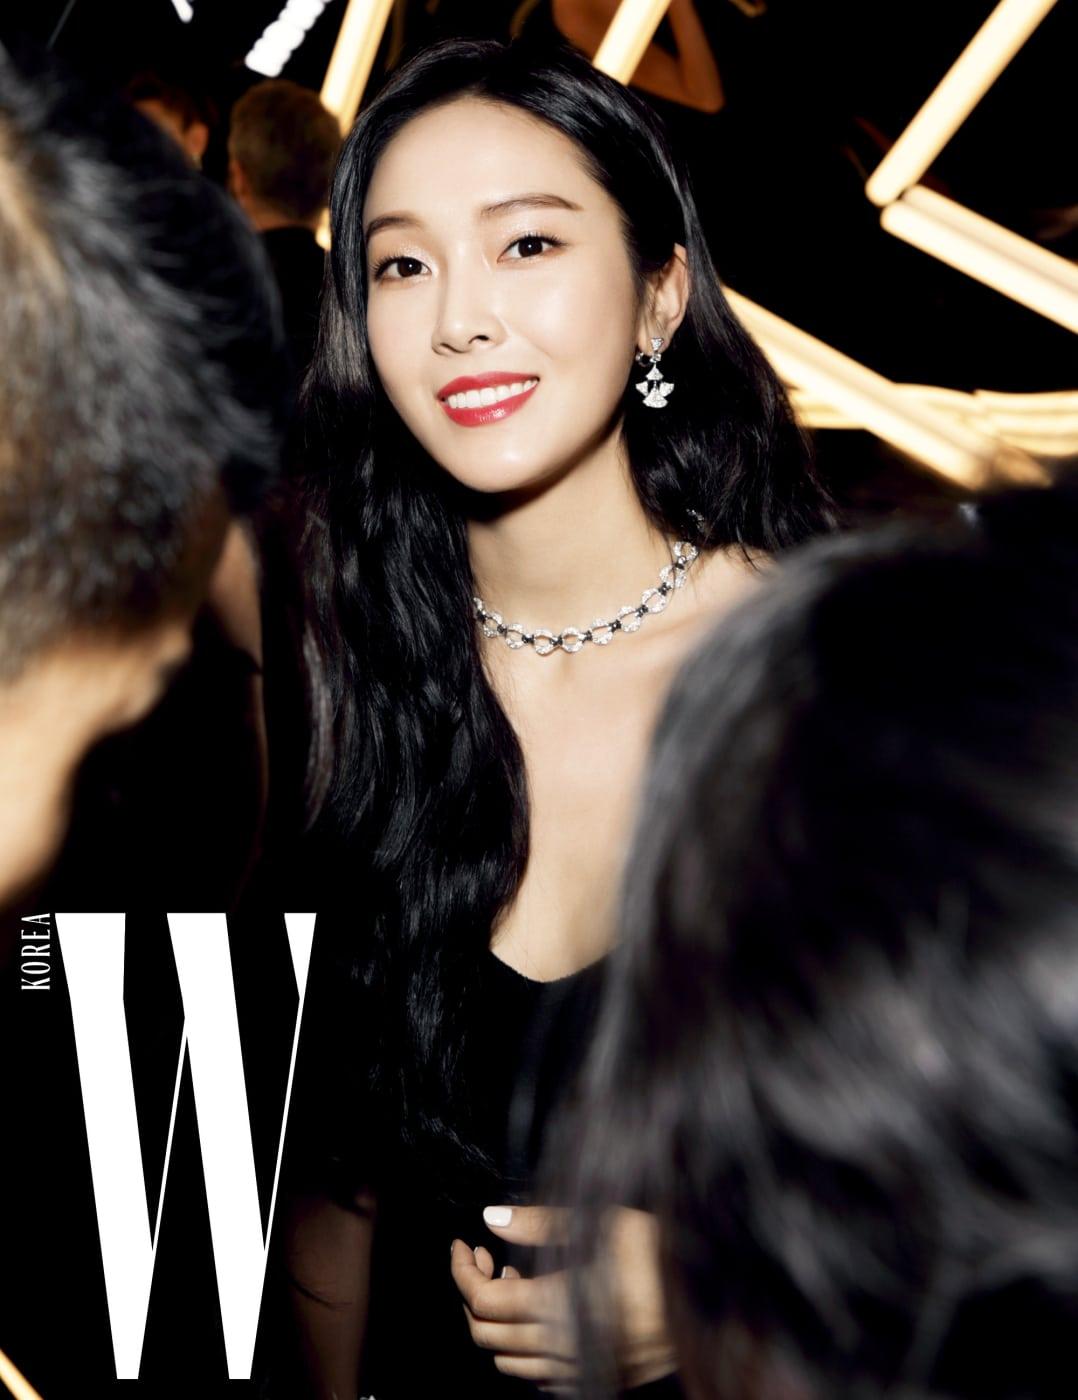 제시카가 착용한 화이트 골드에 다이아몬드가 세팅된 파렌티지 컬렉션 목걸이, 부채에서 영감을 받은 다이아몬드 풀 파베 세팅 디바스 드림 귀고리는 Bulgari 제품.